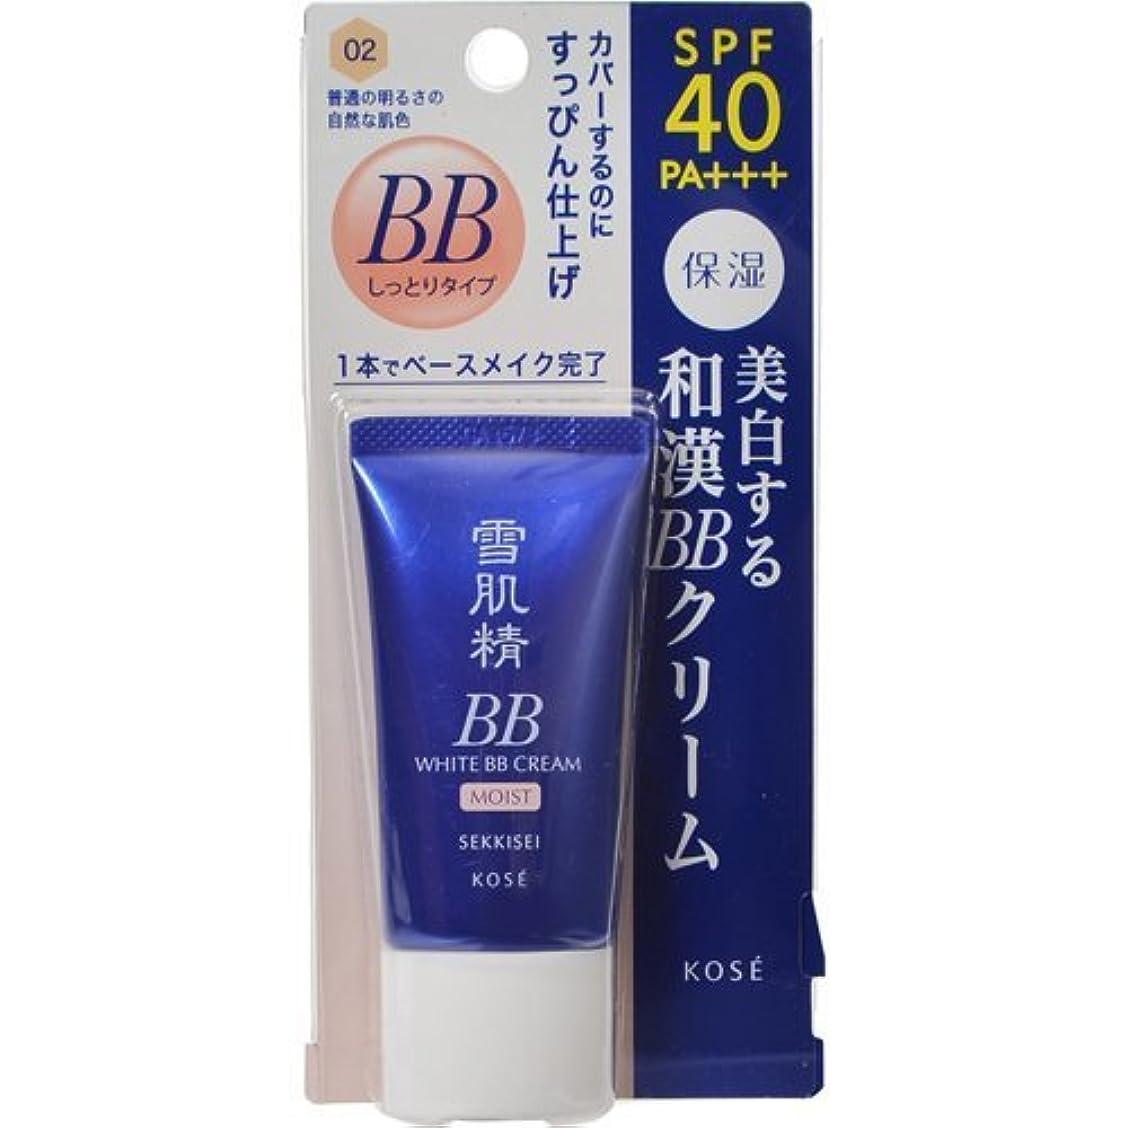 同性愛者微妙タービン雪肌精 ホワイト BBクリーム モイスト 02 30g